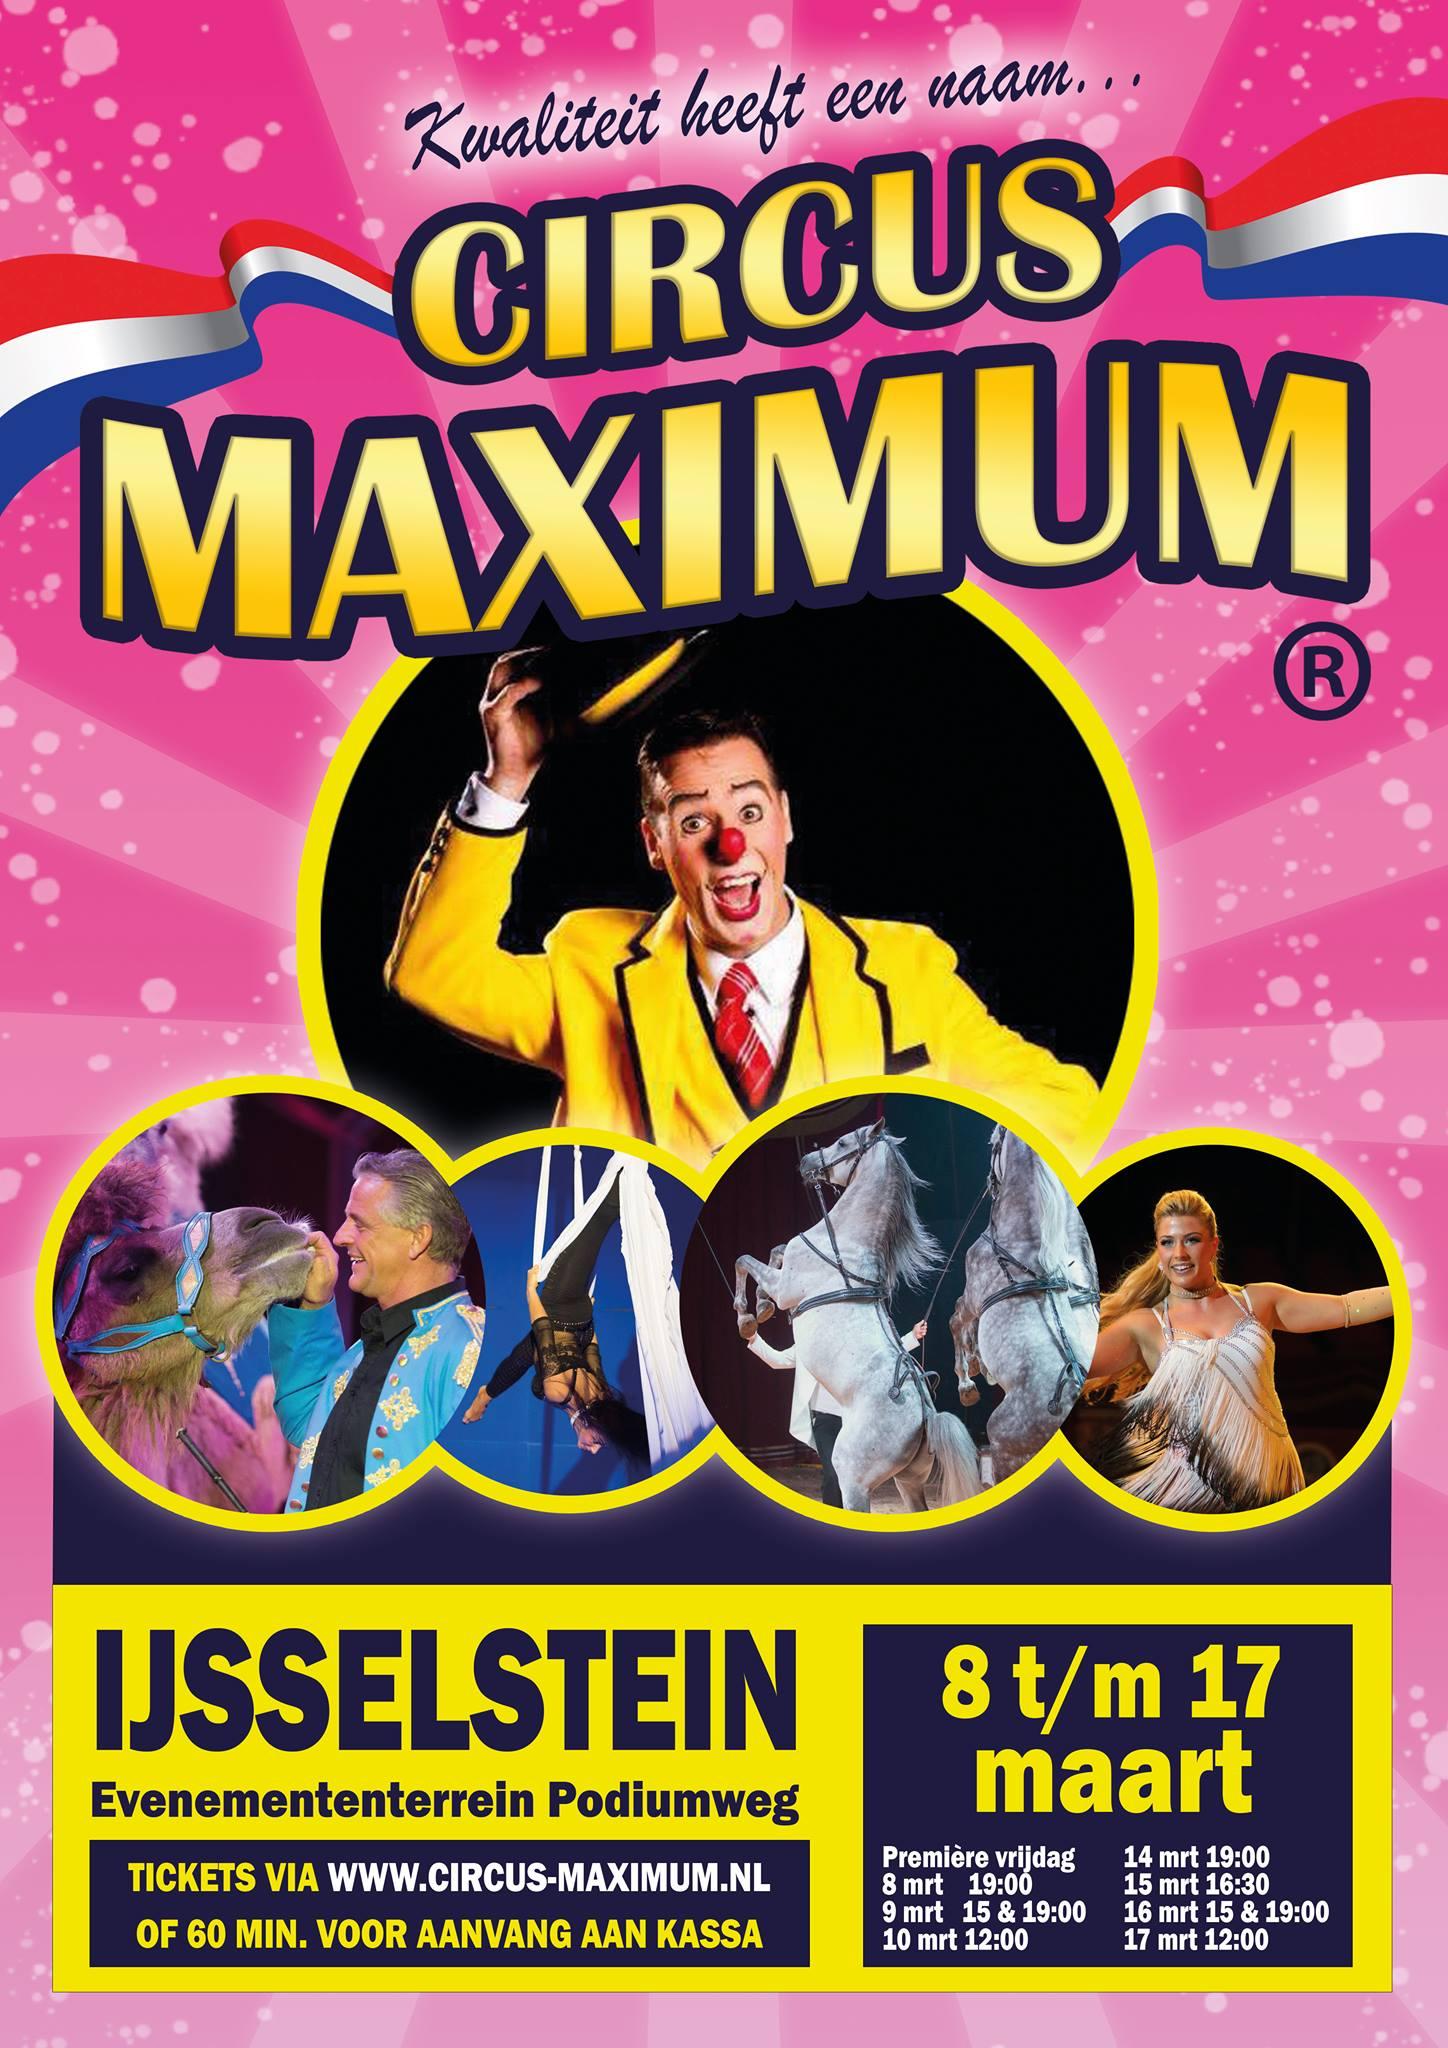 Topshelf Media Fotowedstrijd IJsselstein Circus Maximum Martin Planken